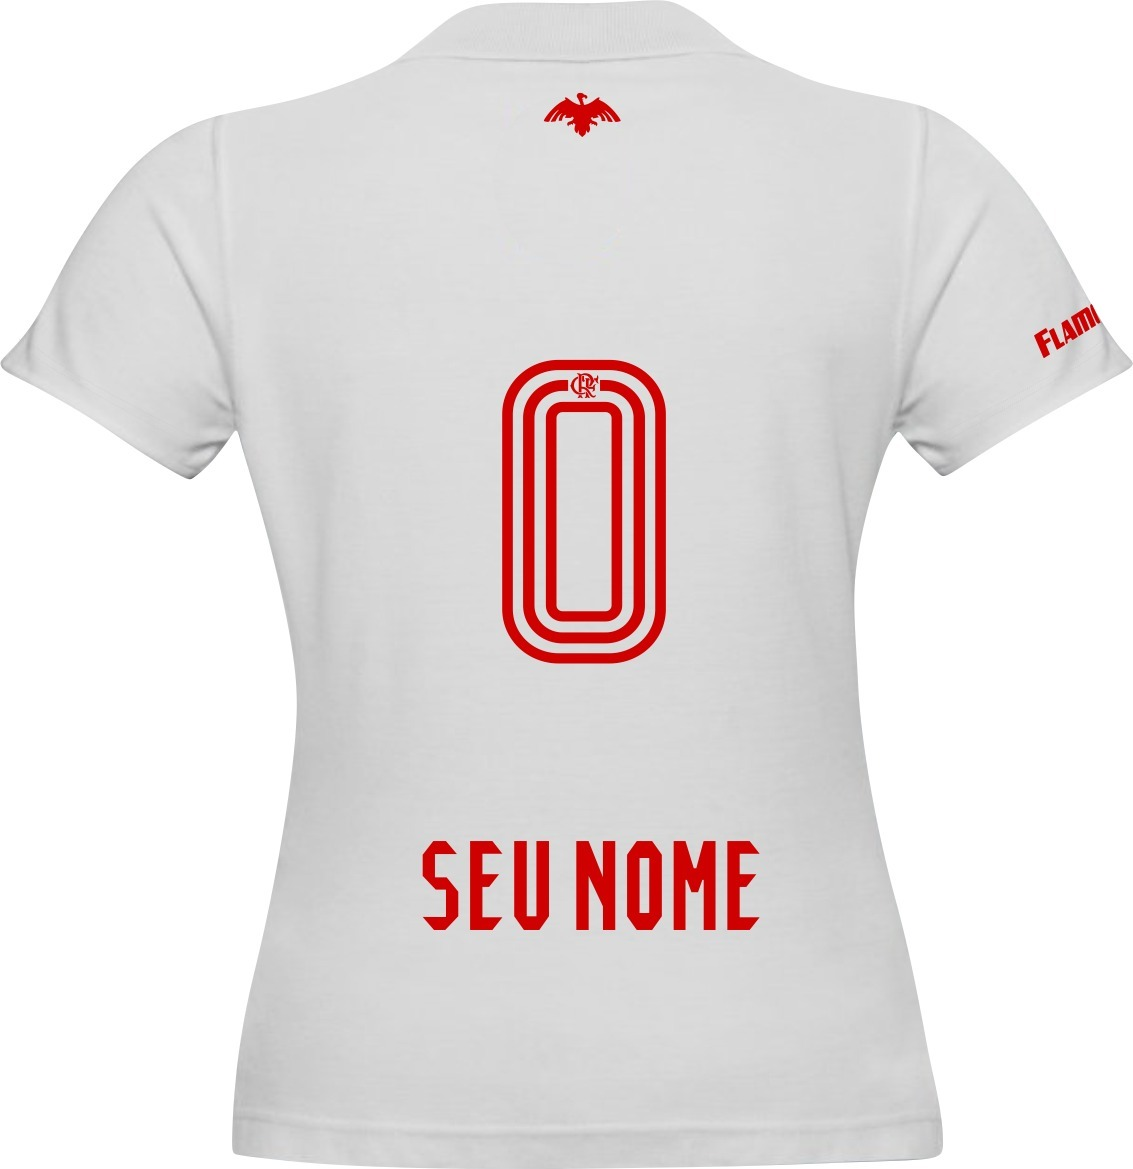 5577d6e53a camisa personalizada flamengo feminino adicione seu nome. Carregando zoom.